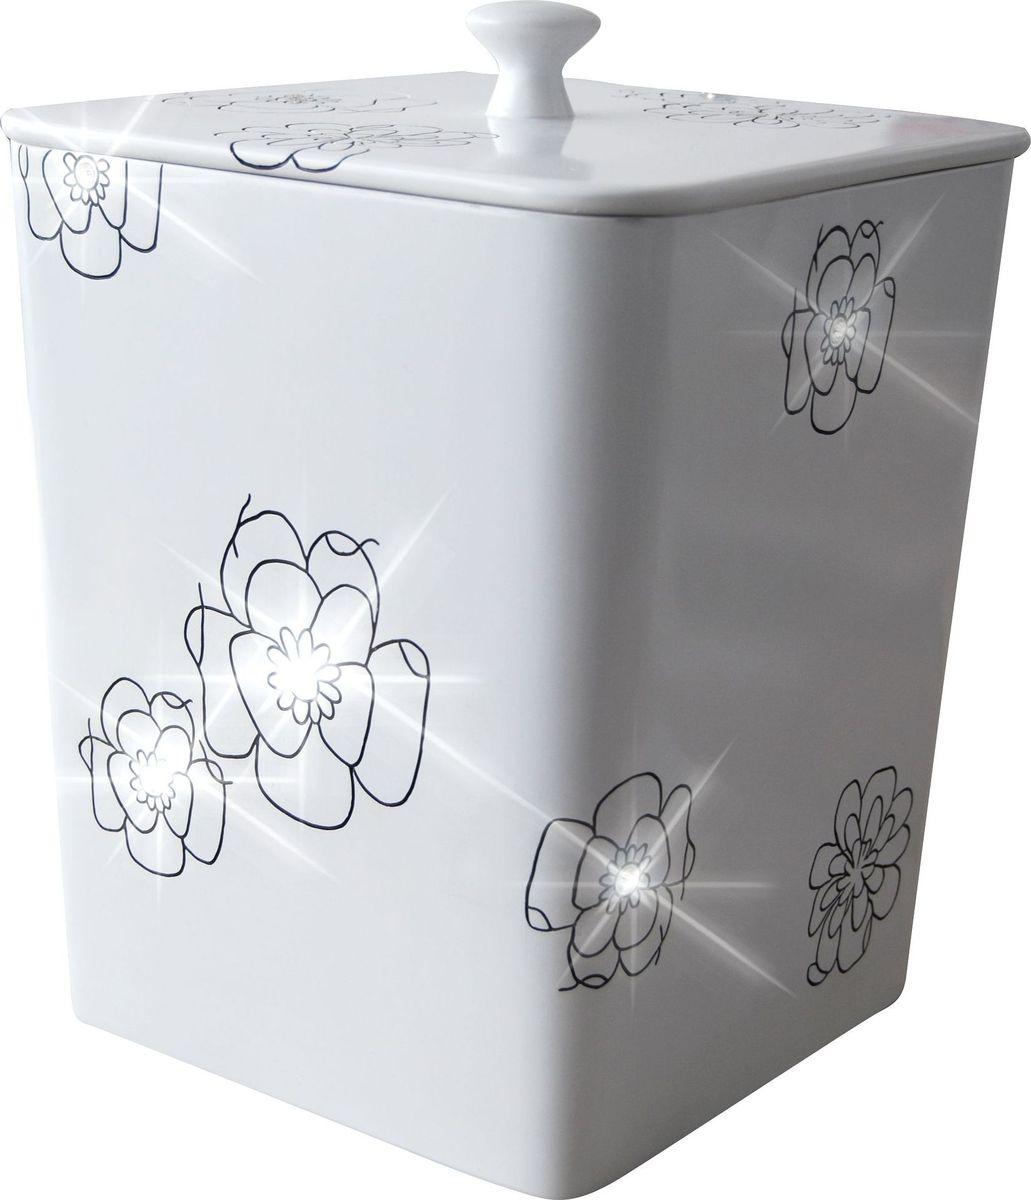 Ведро мусорное Ridder Diamond, цвет: белый, 8,5 л870342_мятныйВысококачественные немецкие аксессуары для ванных комнат. Данная серия изготавливается из полирезина. Экологичный полирезин - это твердый многокомпонентный материал на основе синтетической смолы,с добавлением каменной крошки и красящих пигментов Объем: 8,5 л.